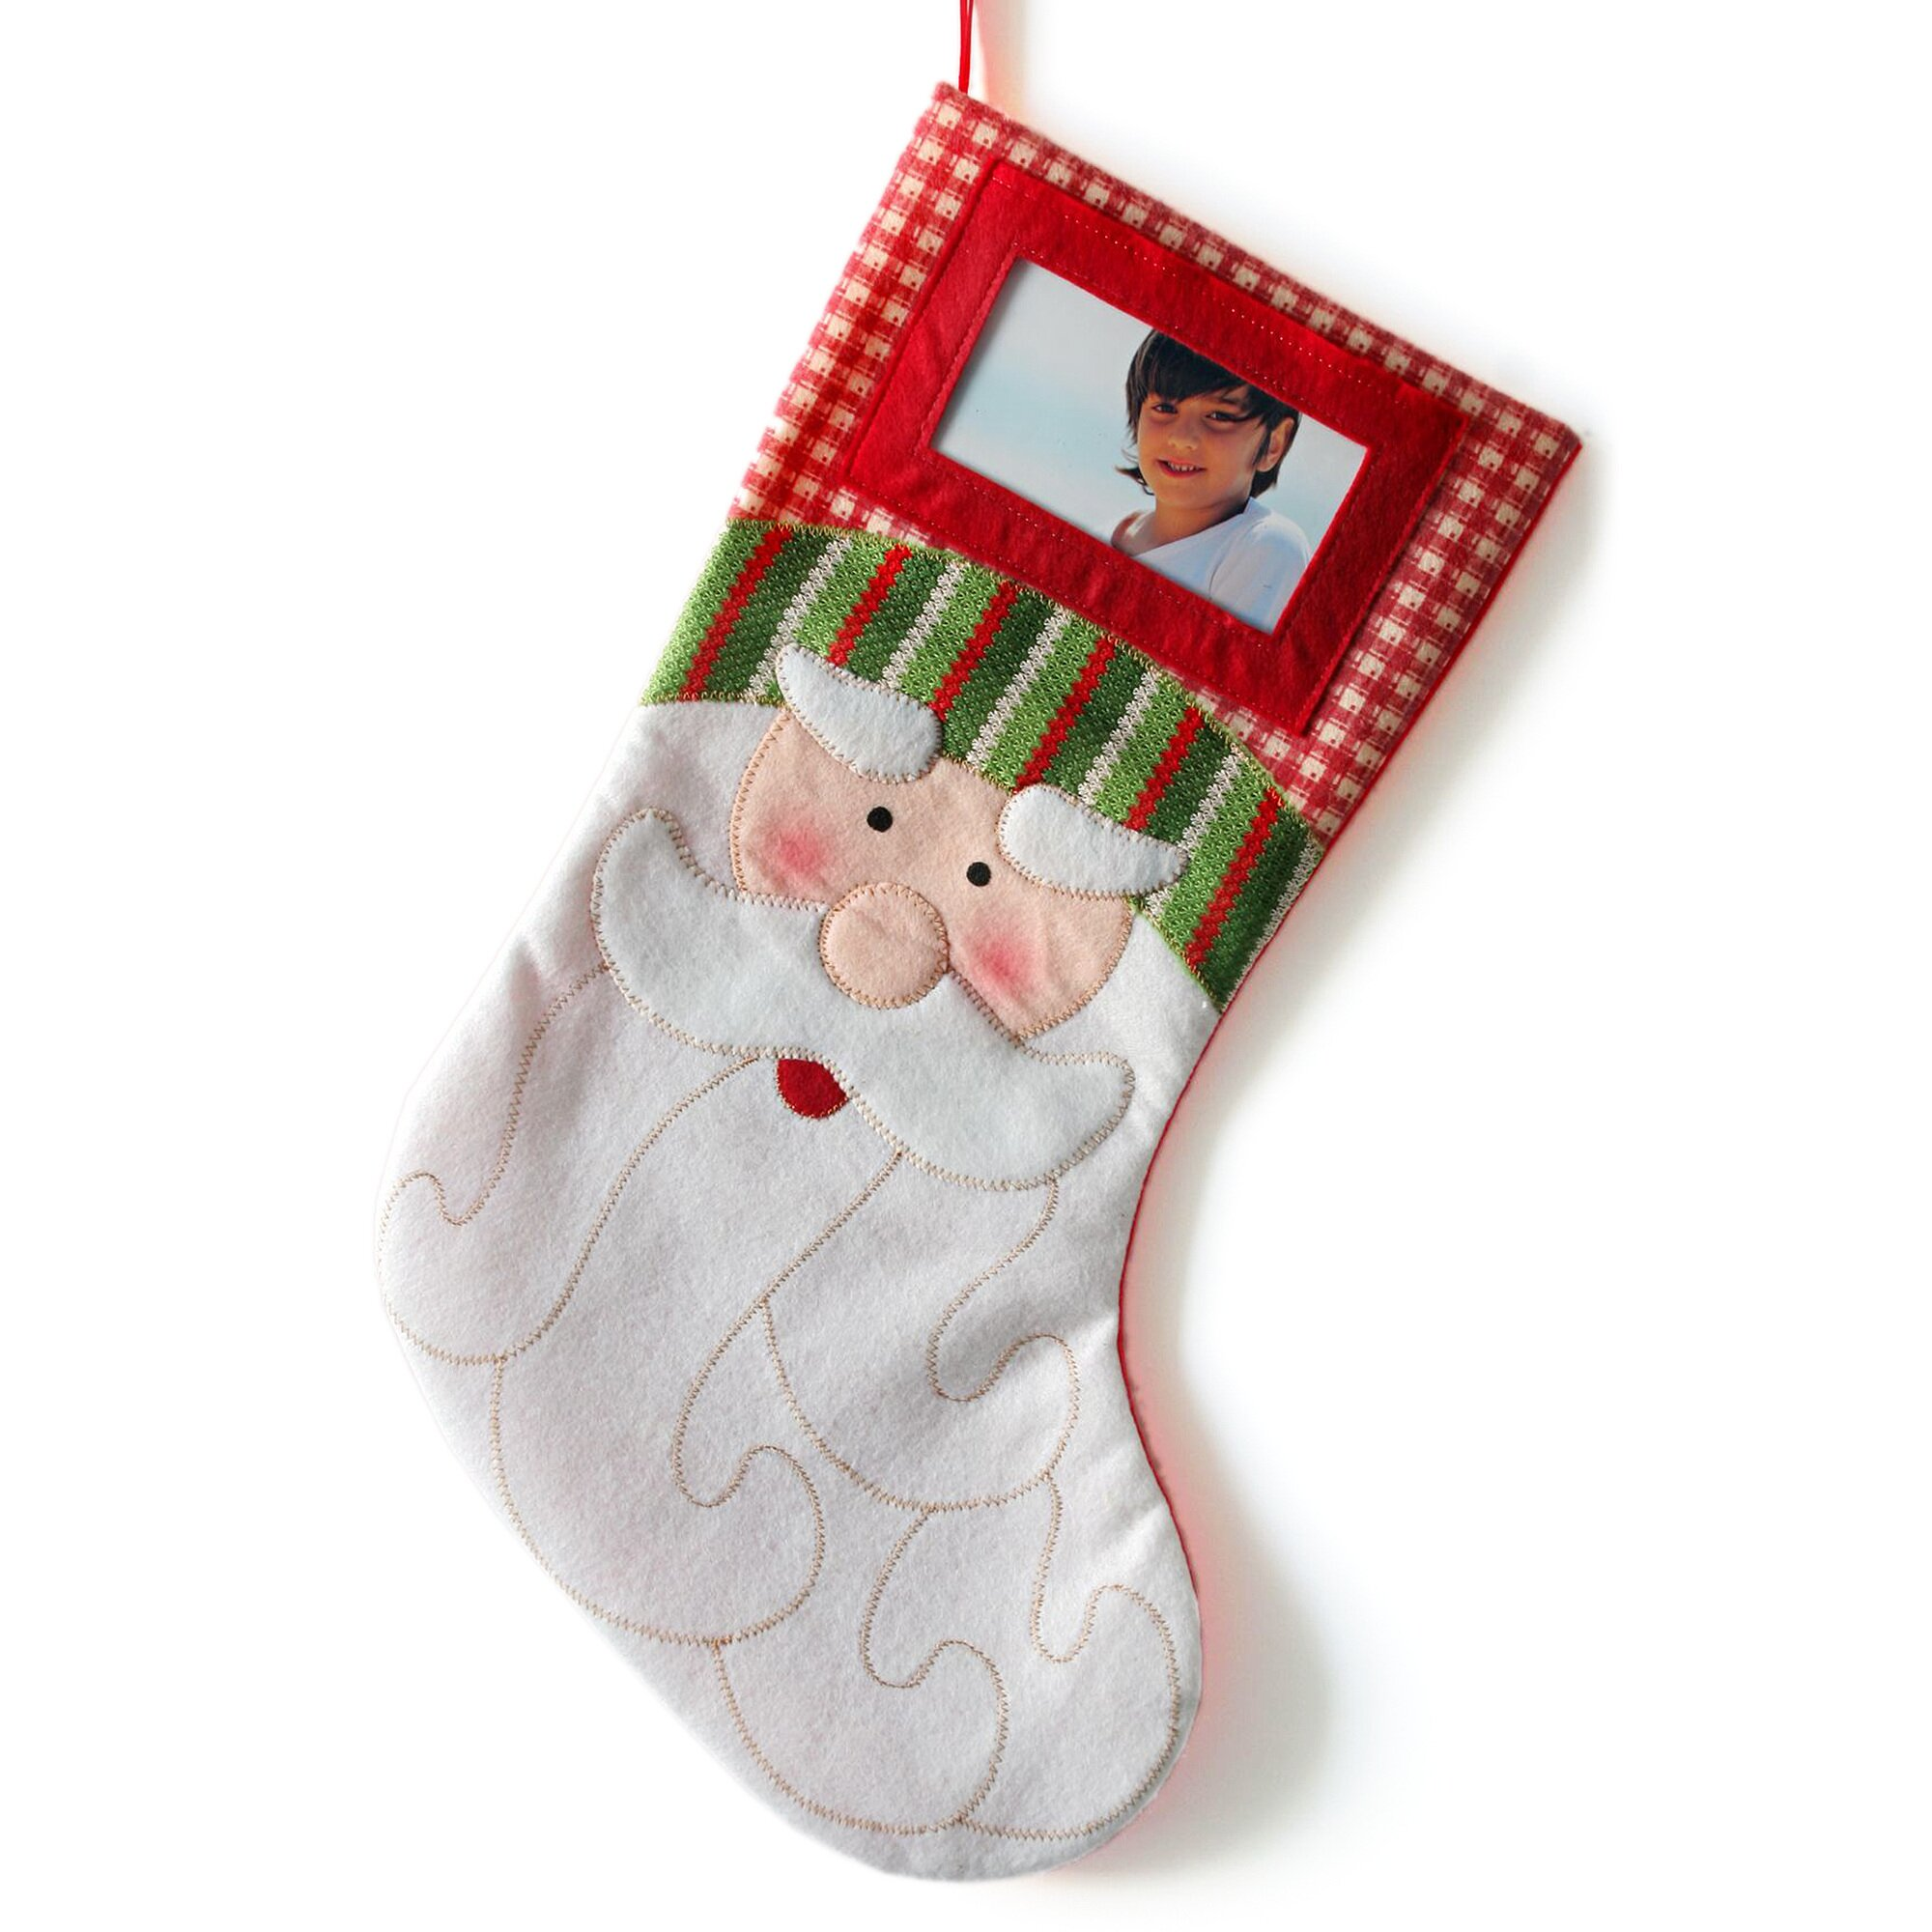 Weihnachtsstrumpf mit Bildern